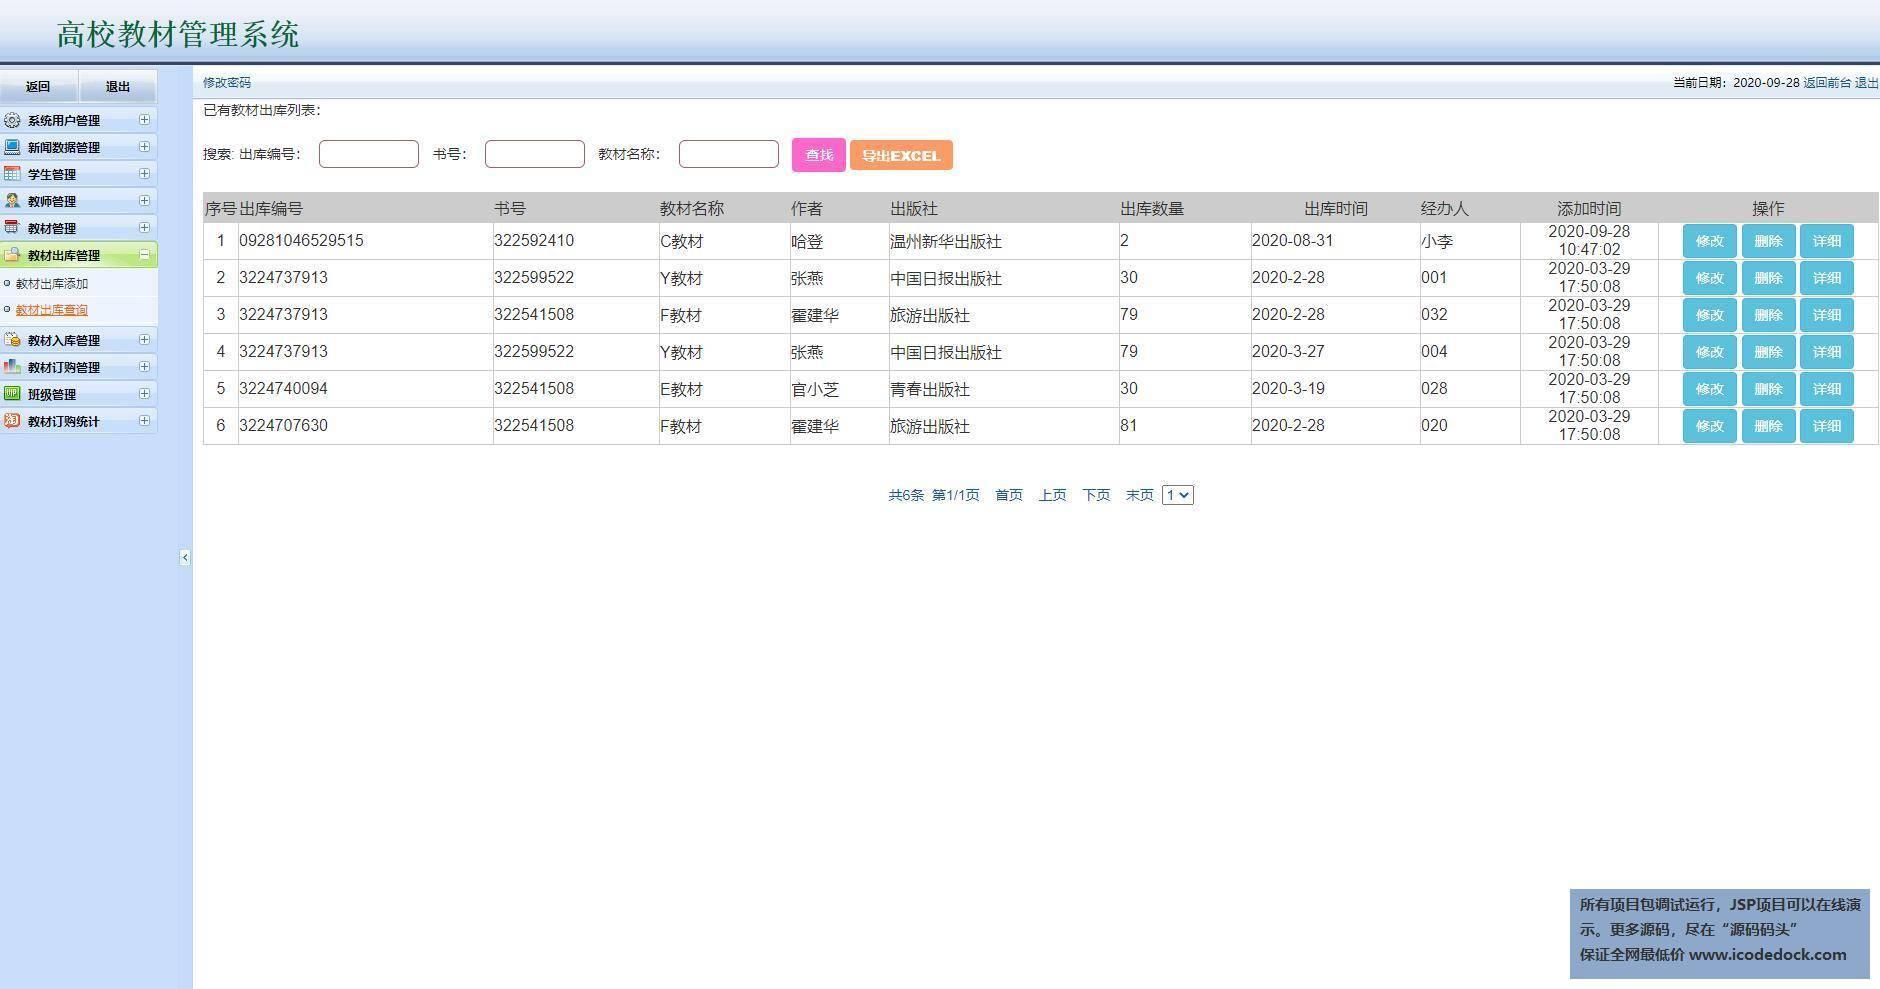 源码码头-JSP高校教材平台网站管理系统-管理员角色-教材出库管理